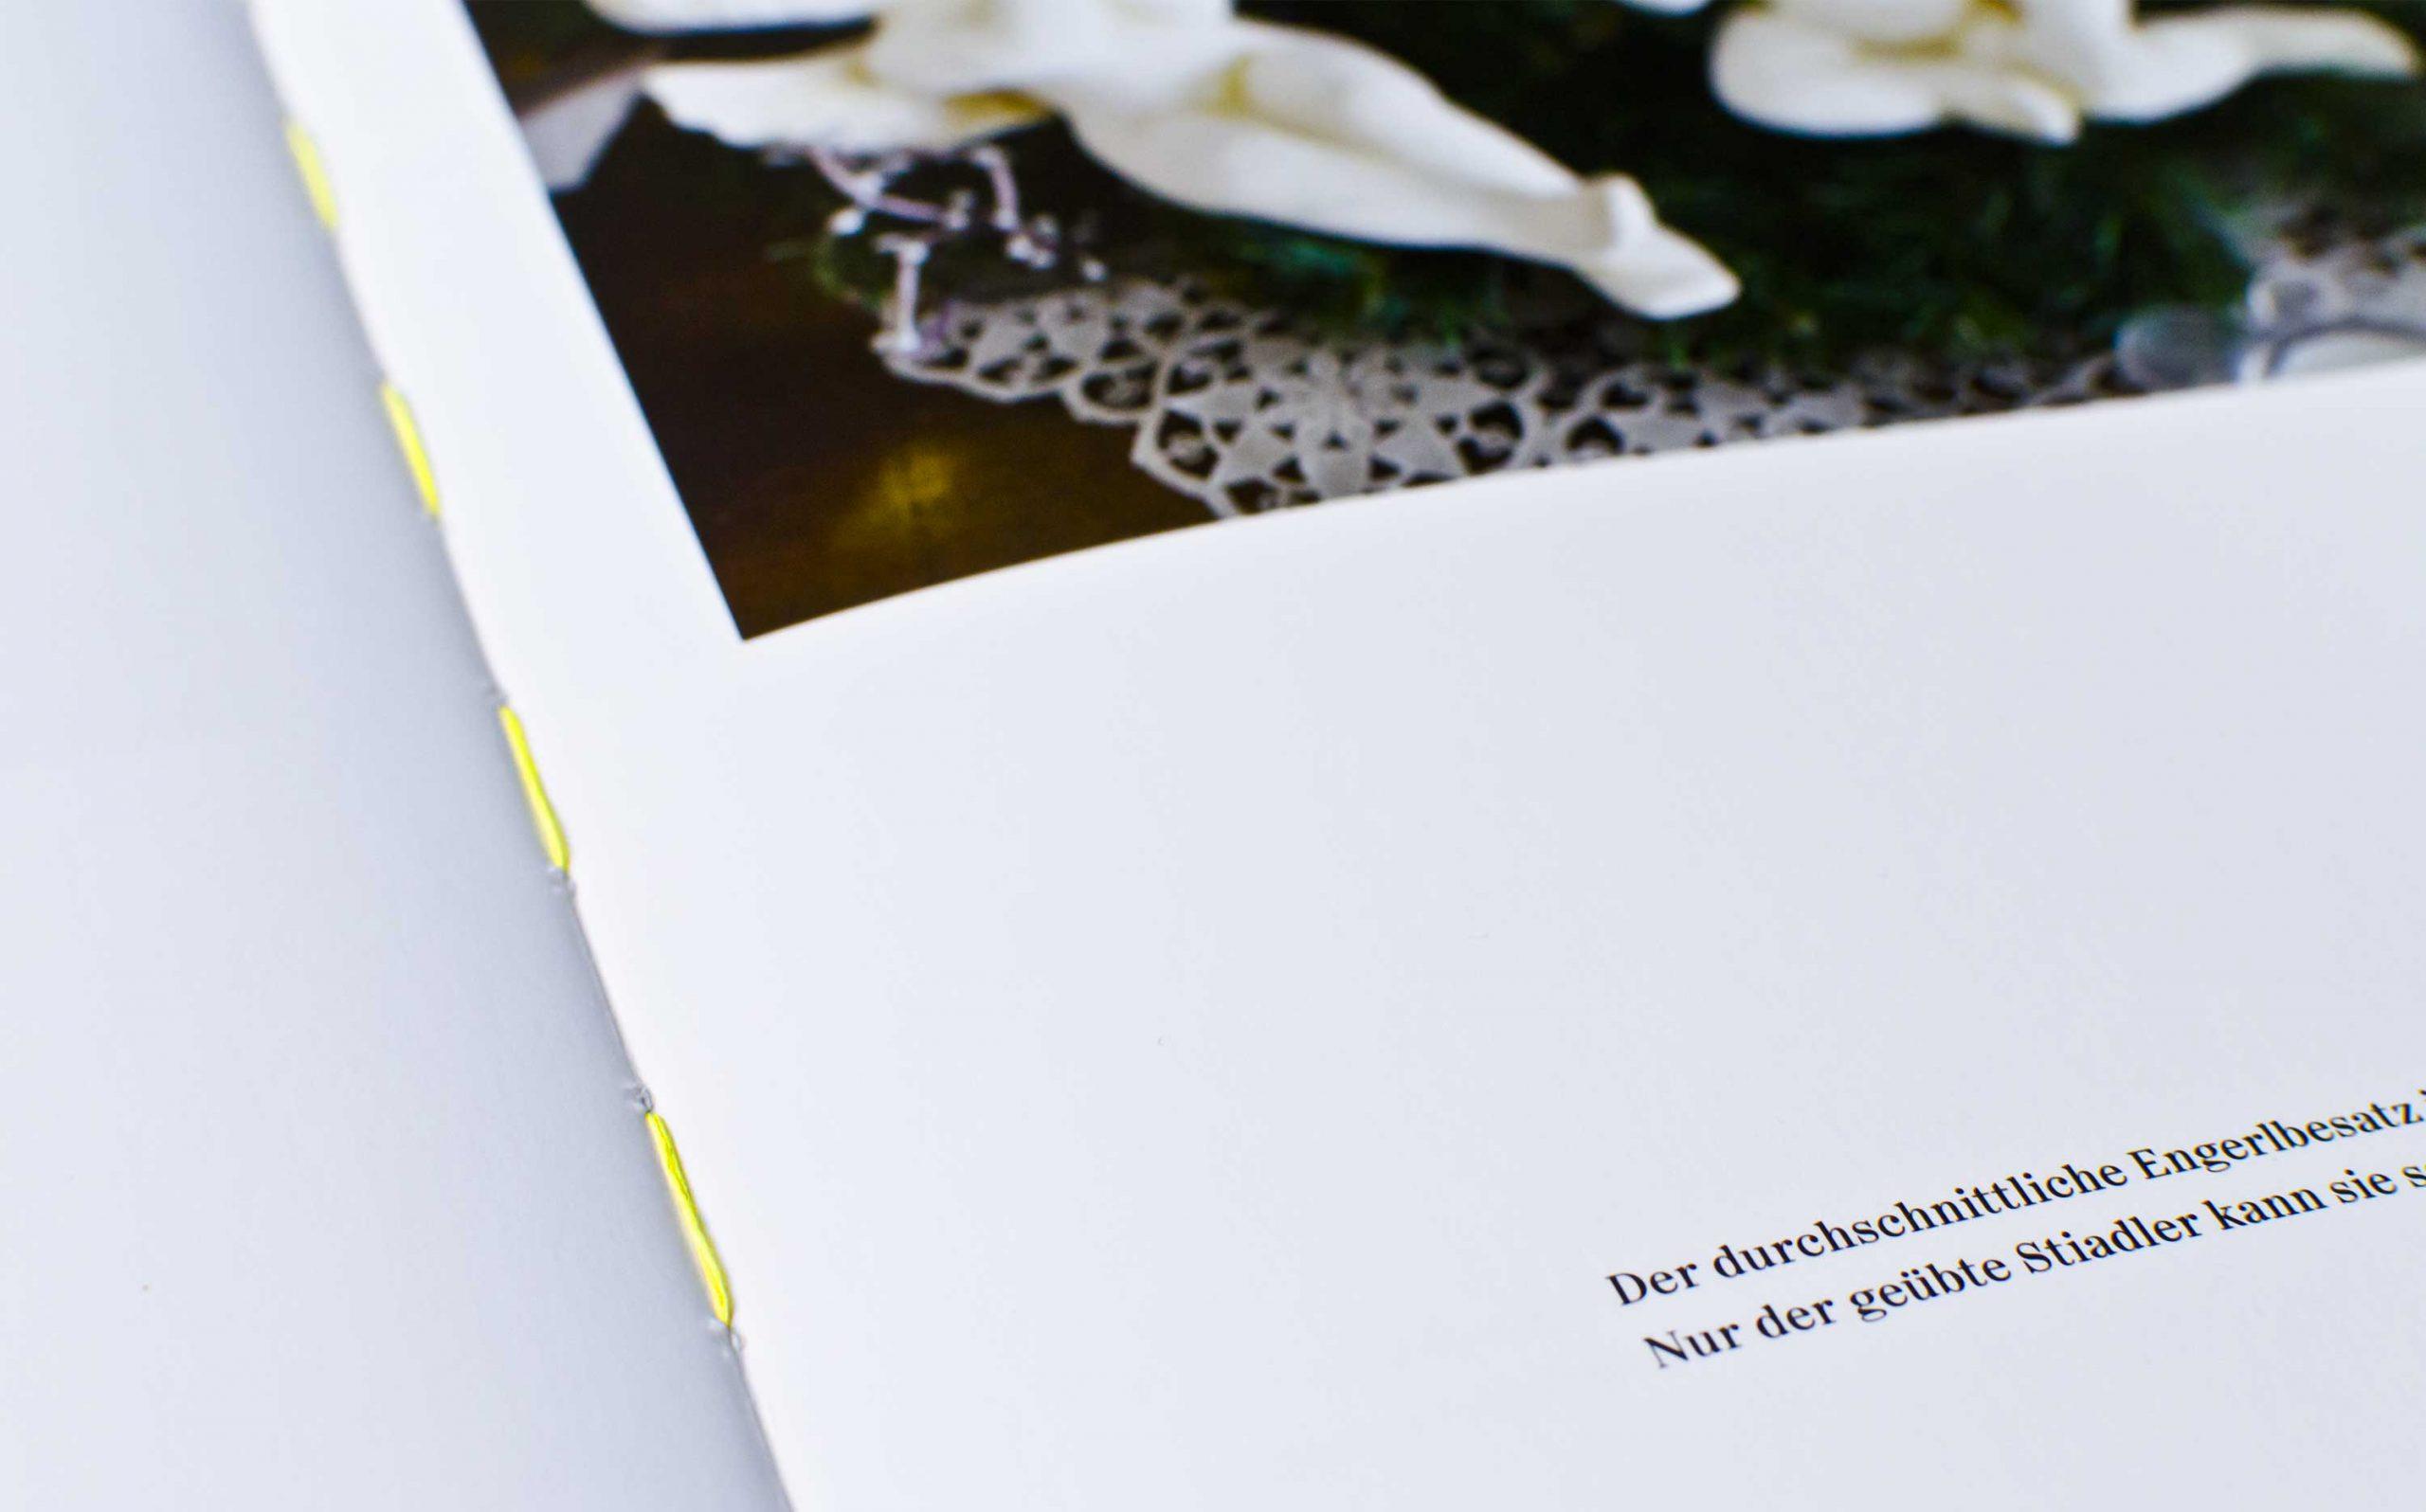 Tarek Leitner, Peter Coeln – Hilde & Gretl | Detailaufnahme des neongelben Fadens in der Buchmitte | Keywords: Editorial Design, Veredelung, Artist Book, Künstlerbuch, Buchgestaltung, Grafikdesign, Design, Typografie